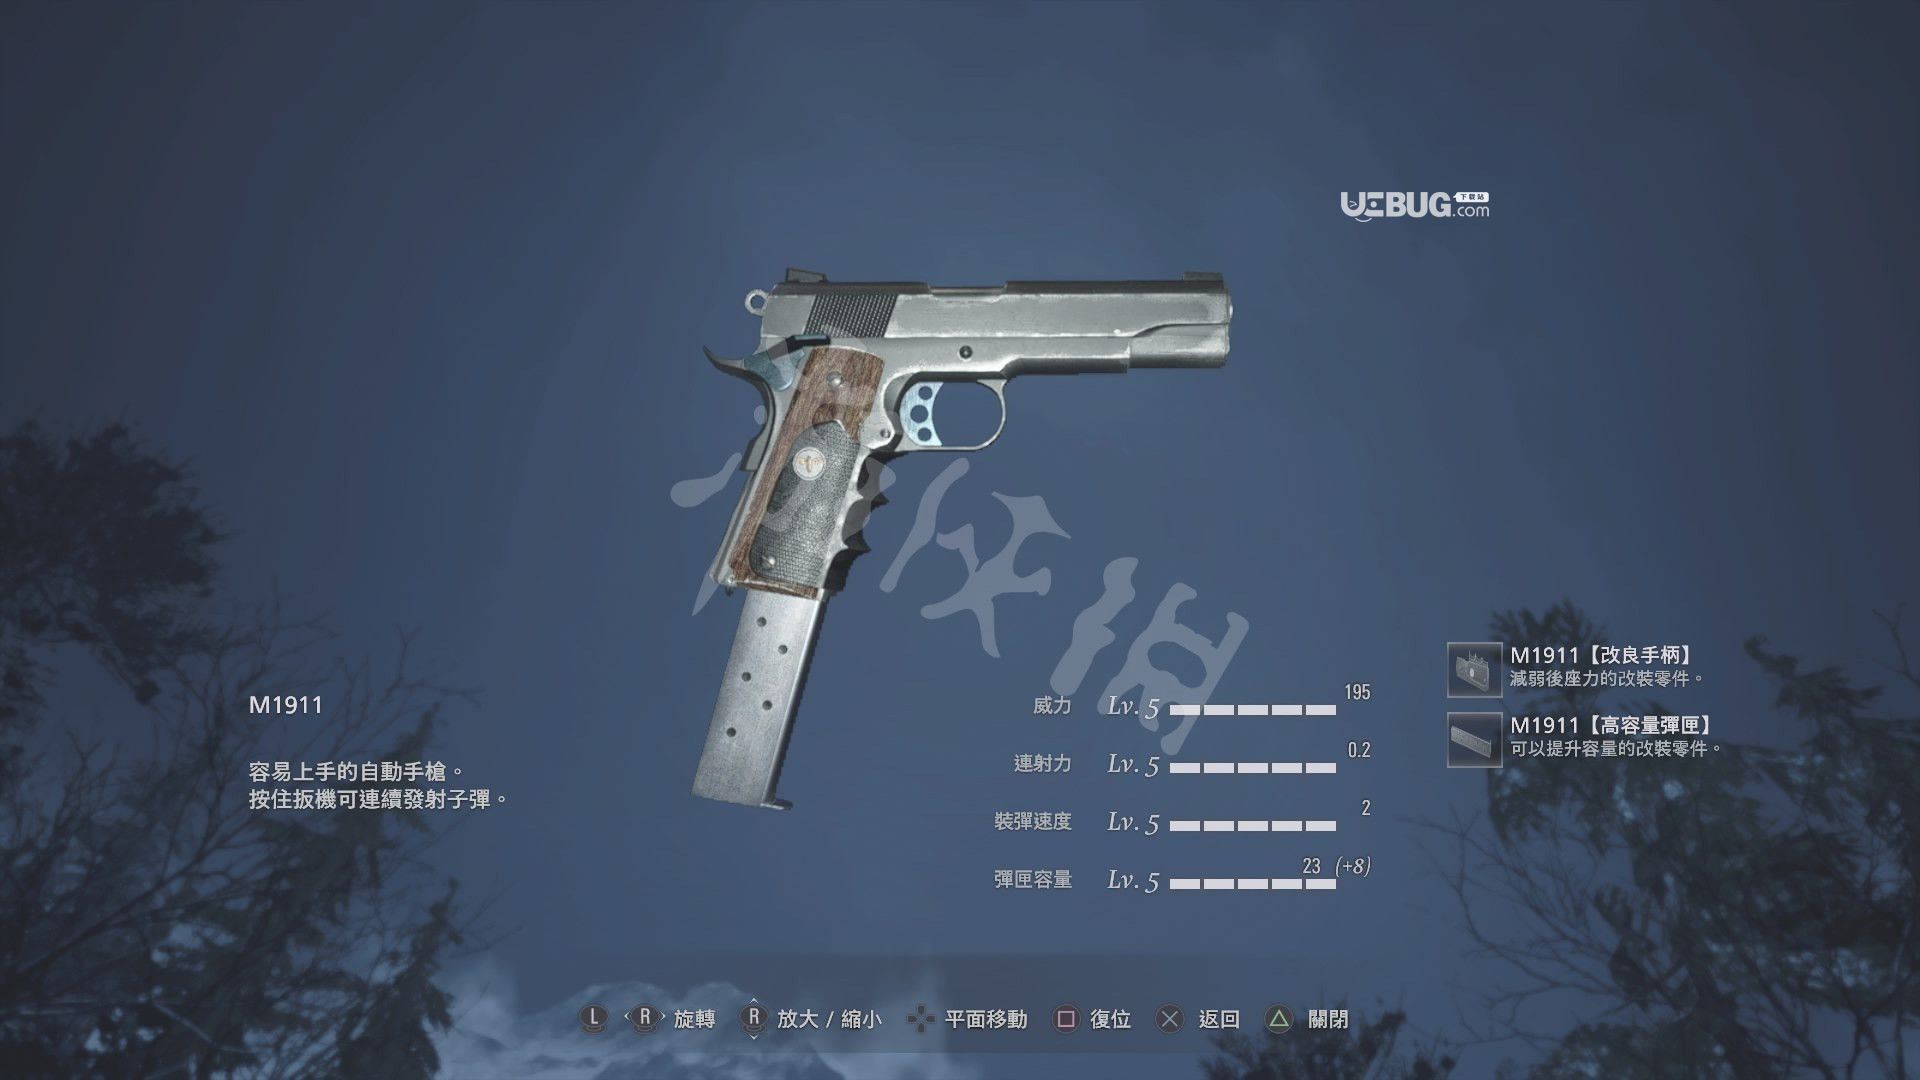 《生化危机8村庄》游戏中武器满级属性汇总大全